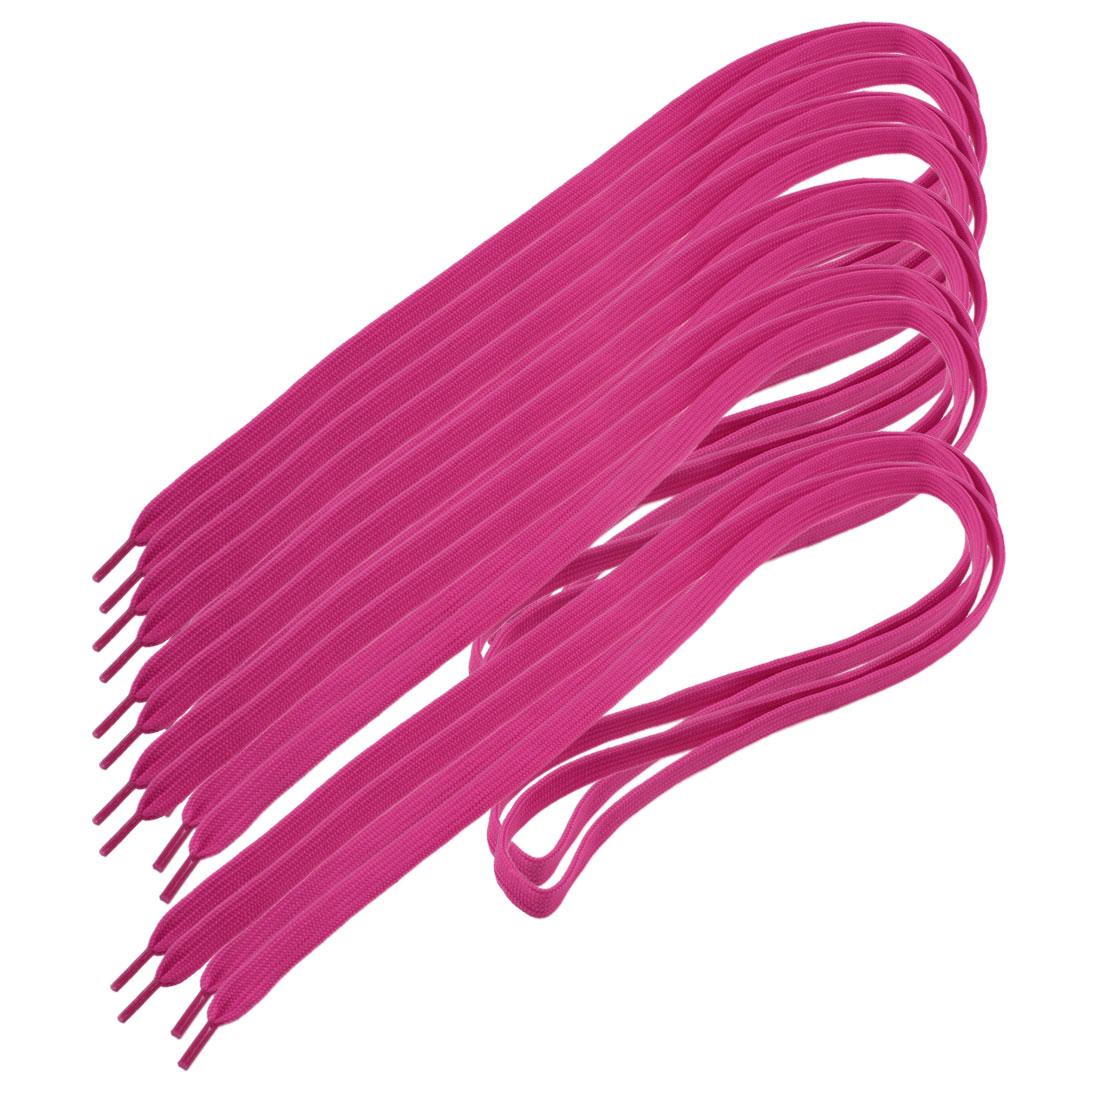 5 Pairs Unisex Textured Nylon Wide Flat Shoelaces Shoe Lace Fuchsia